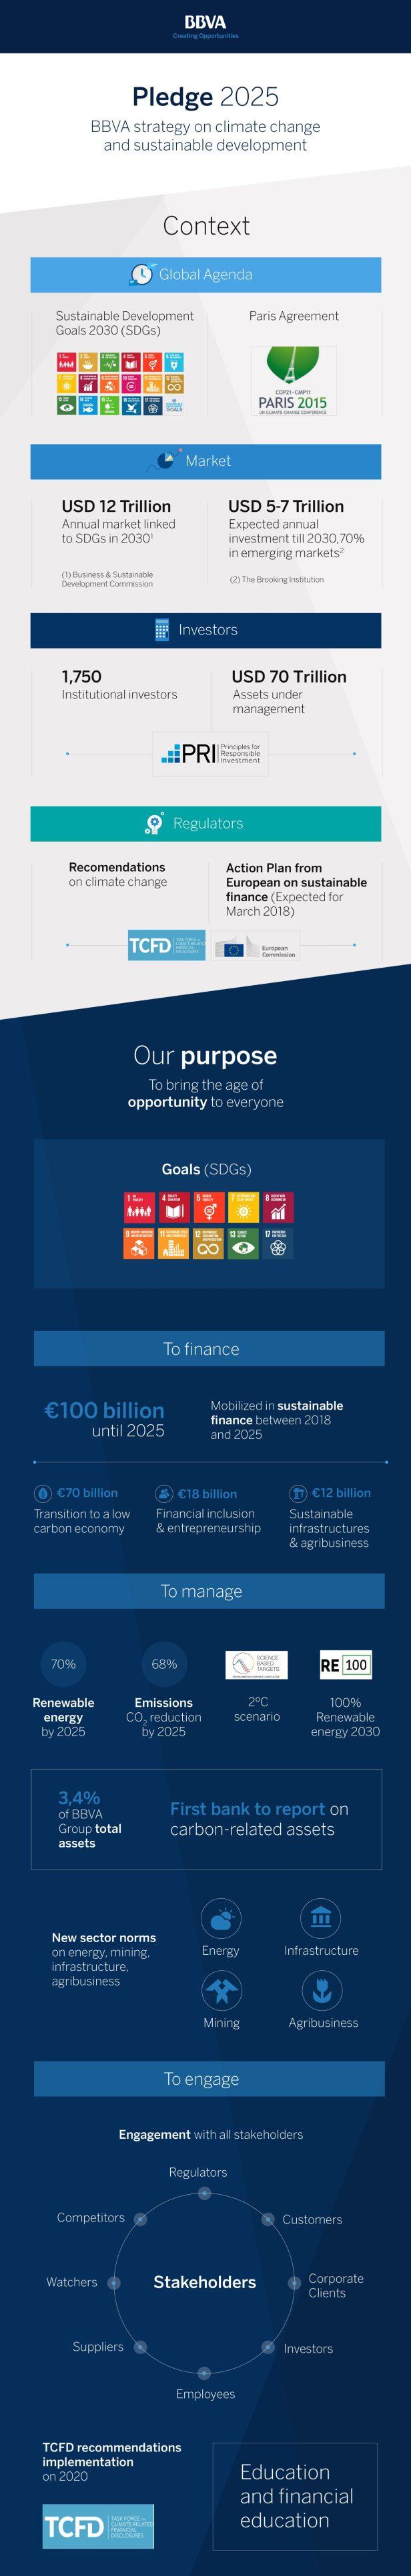 2019-07-26 infographics-pledge-2025-bbva-2-1920x12047